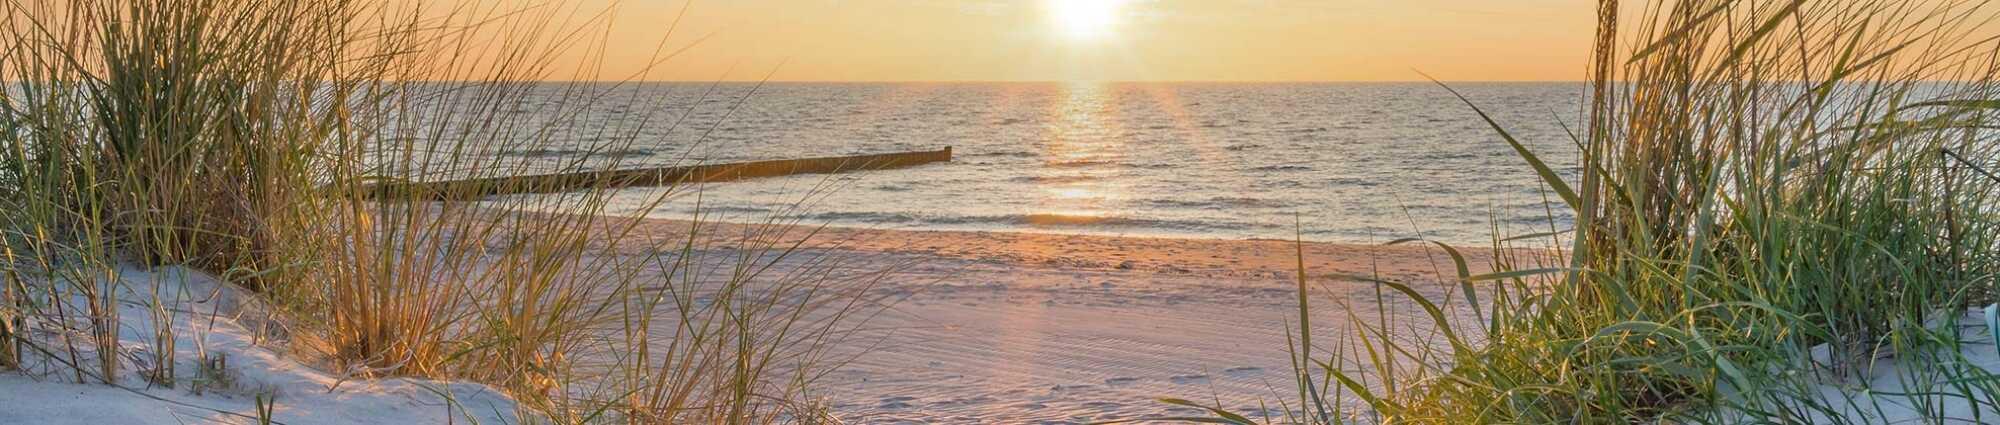 Gültig für Hotels außerhalb von Deutschland